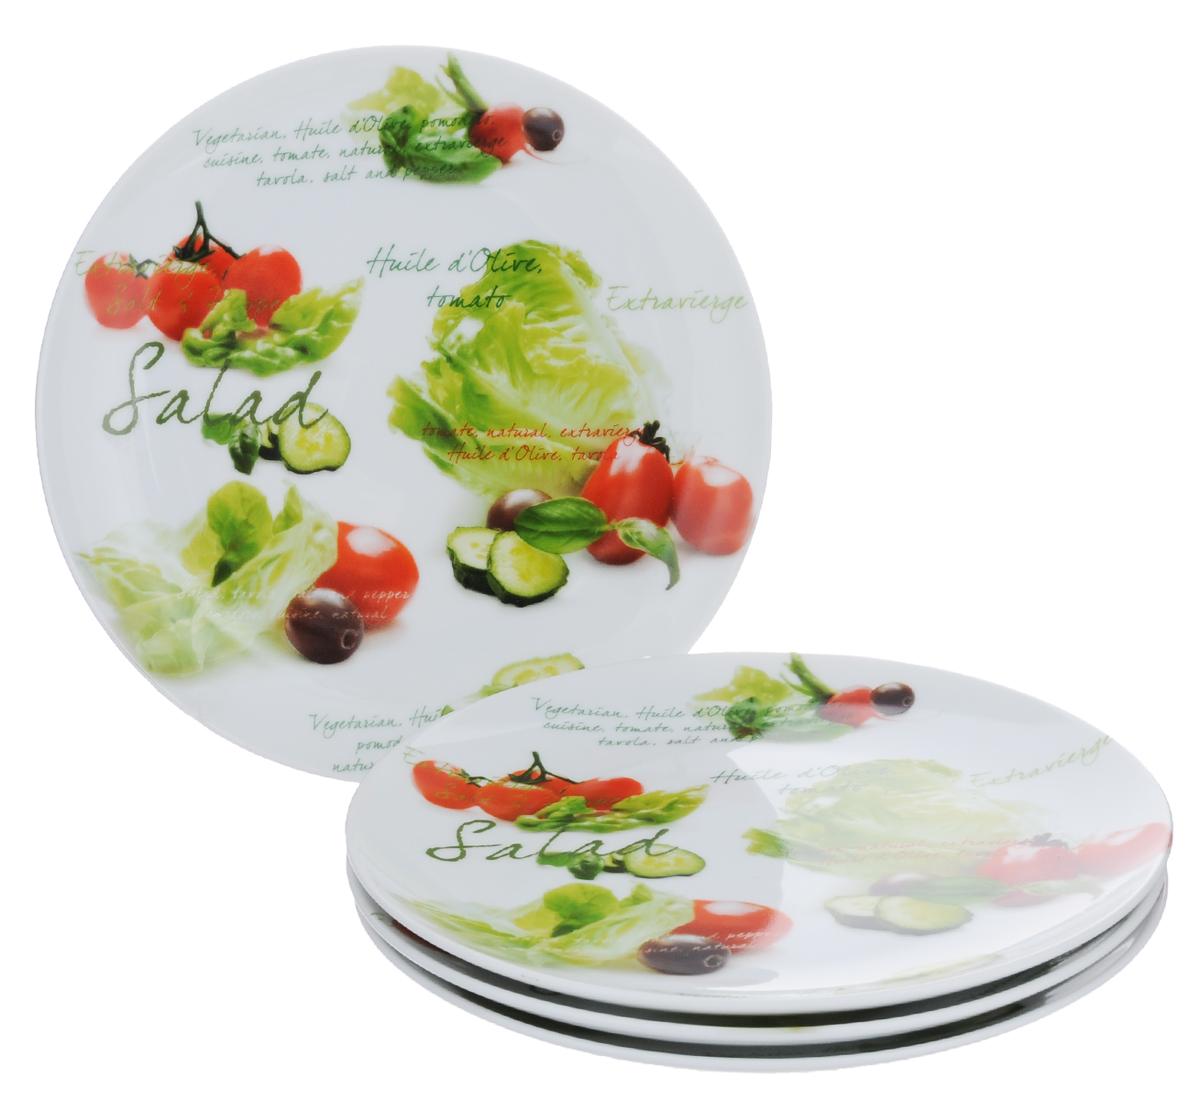 Набор тарелок Nuova R2S Салат, диаметр 20,5 см, 4 шт714SLDНабор Nuova R2S Салат, выполненный из высококачественного фарфора, состоит из четырех тарелок и предназначен для красивой сервировки различных блюд. Изделия украшены надписями и красочным изображением разных овощей. Набор сочетает в себе стильный дизайн с максимальной функциональностью. Оригинальность оформления придется по вкусу и ценителям классики, и тем, кто предпочитает утонченность и изящность. Можно использовать в микроволновой печи и мыть в посудомоечной машине. Диаметр тарелки: 20,5 см. Высота тарелки: 2,2 см.